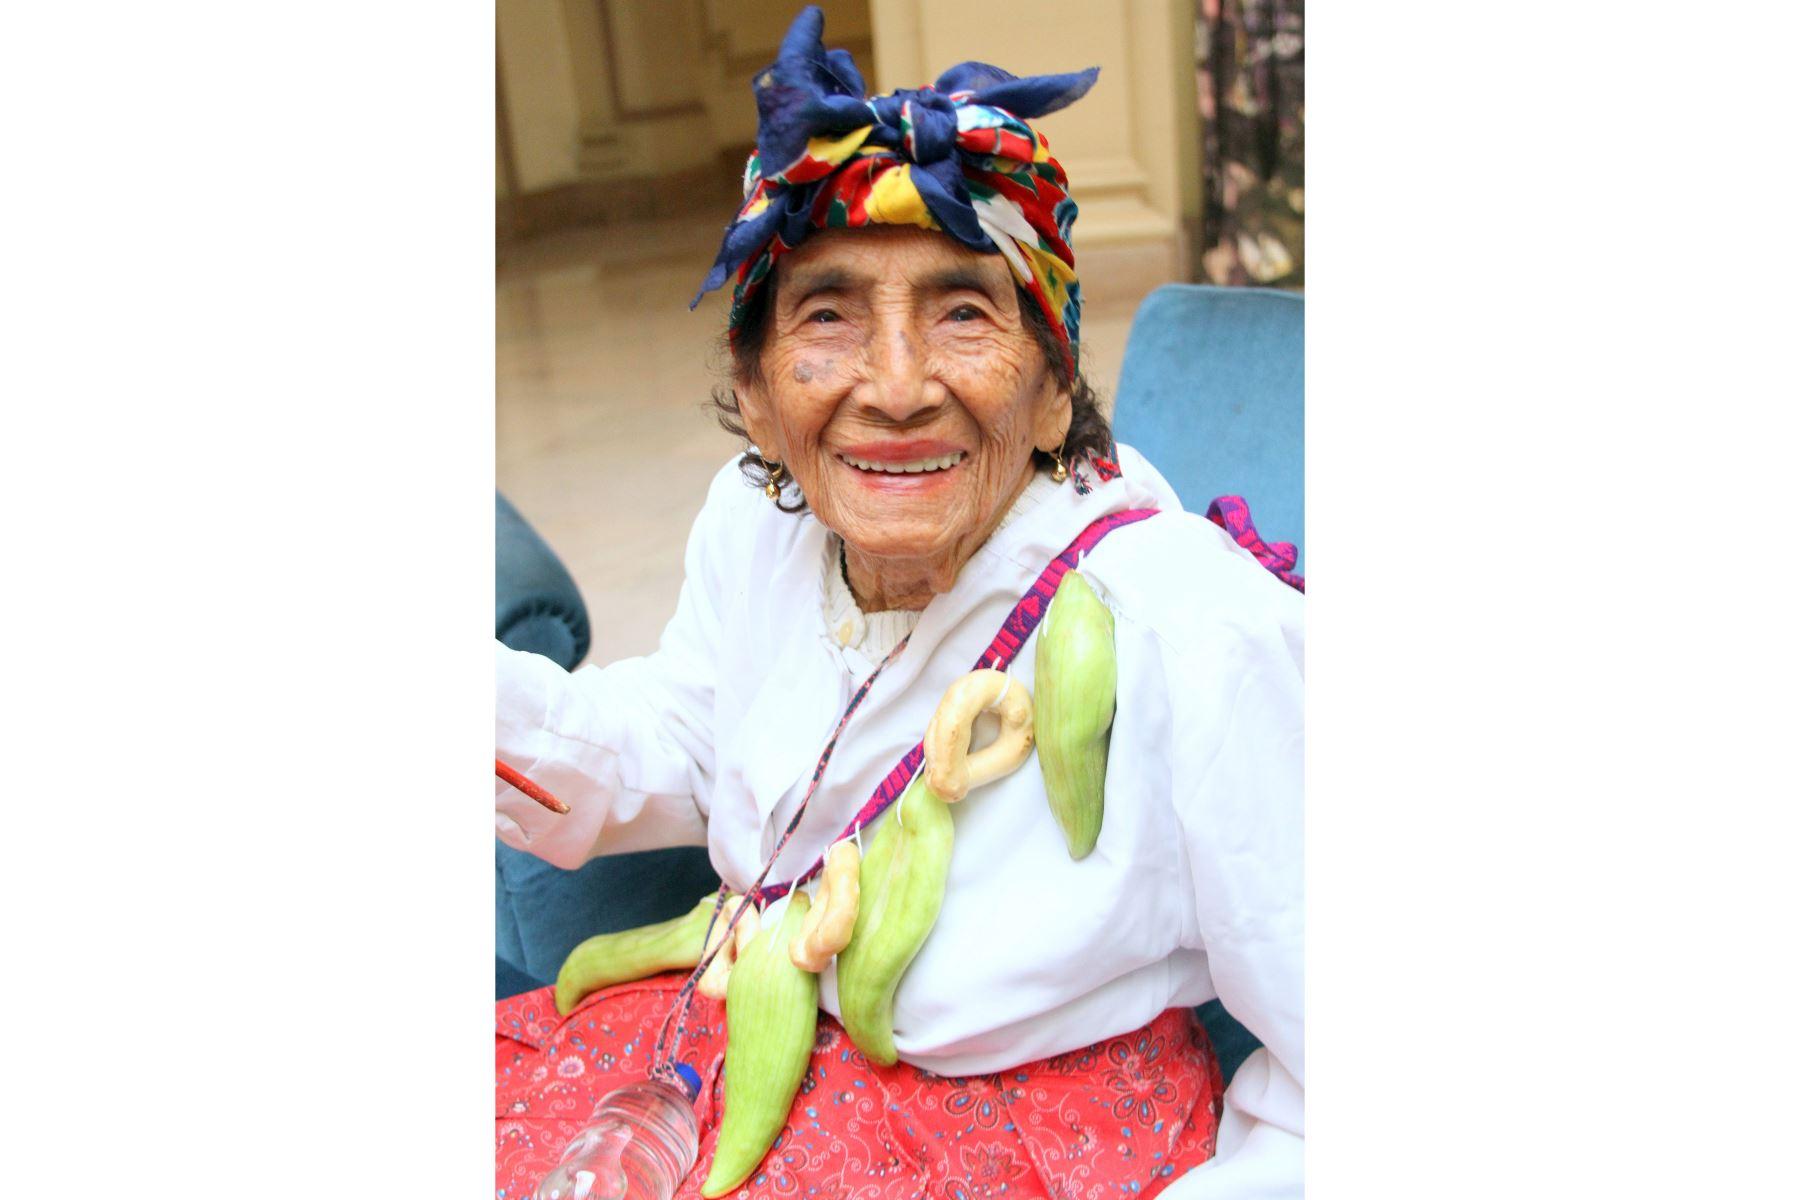 María Ángela Vela de Gonzales (99), usuaria del programa Pensión 65 del Midis, recibió la condecoración Orden al Mérito de la Mujer 2019. Foto: Cortesía Pensión 65